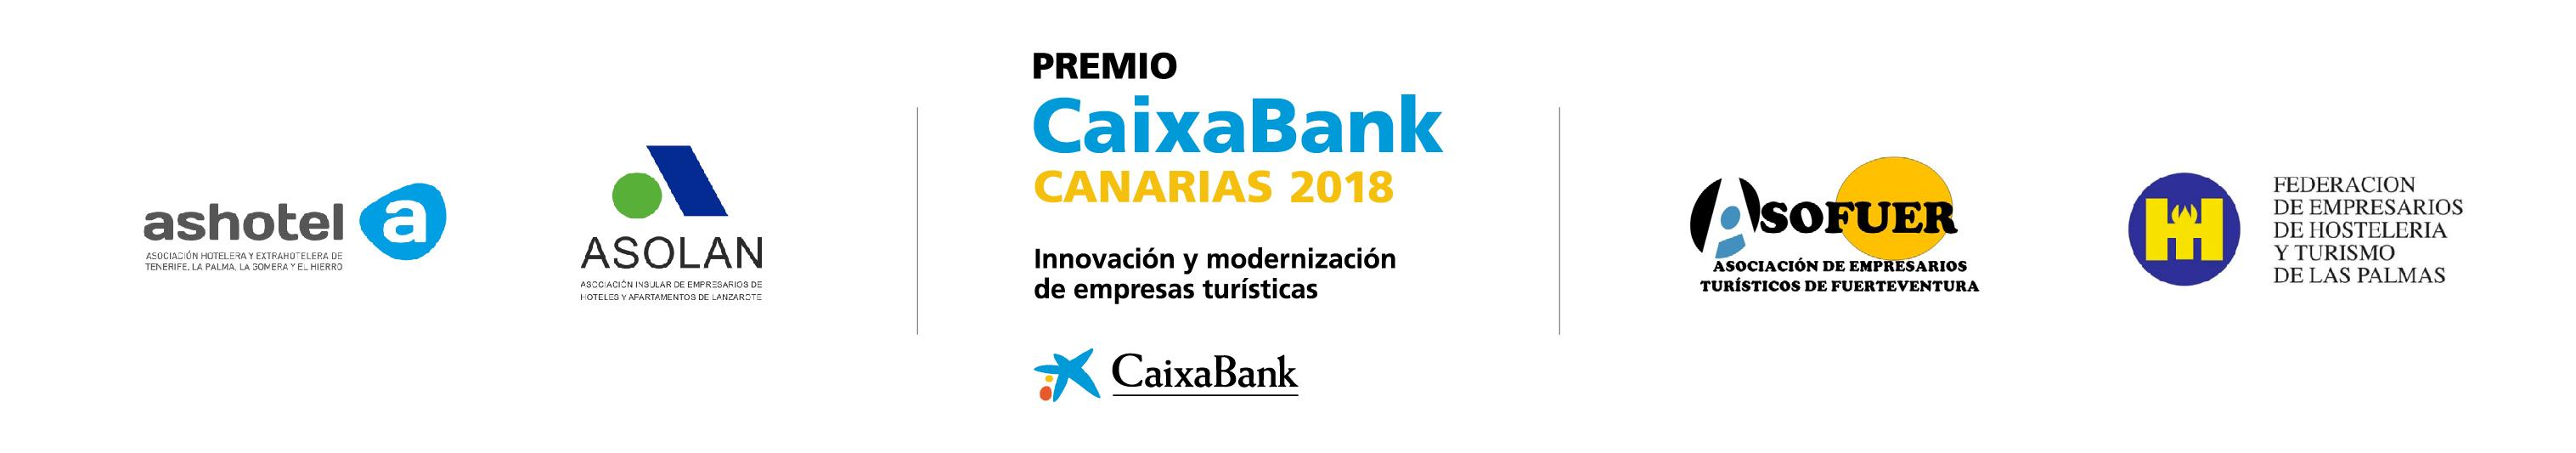 CaixaBank_PremioCanarias_ASOLAN